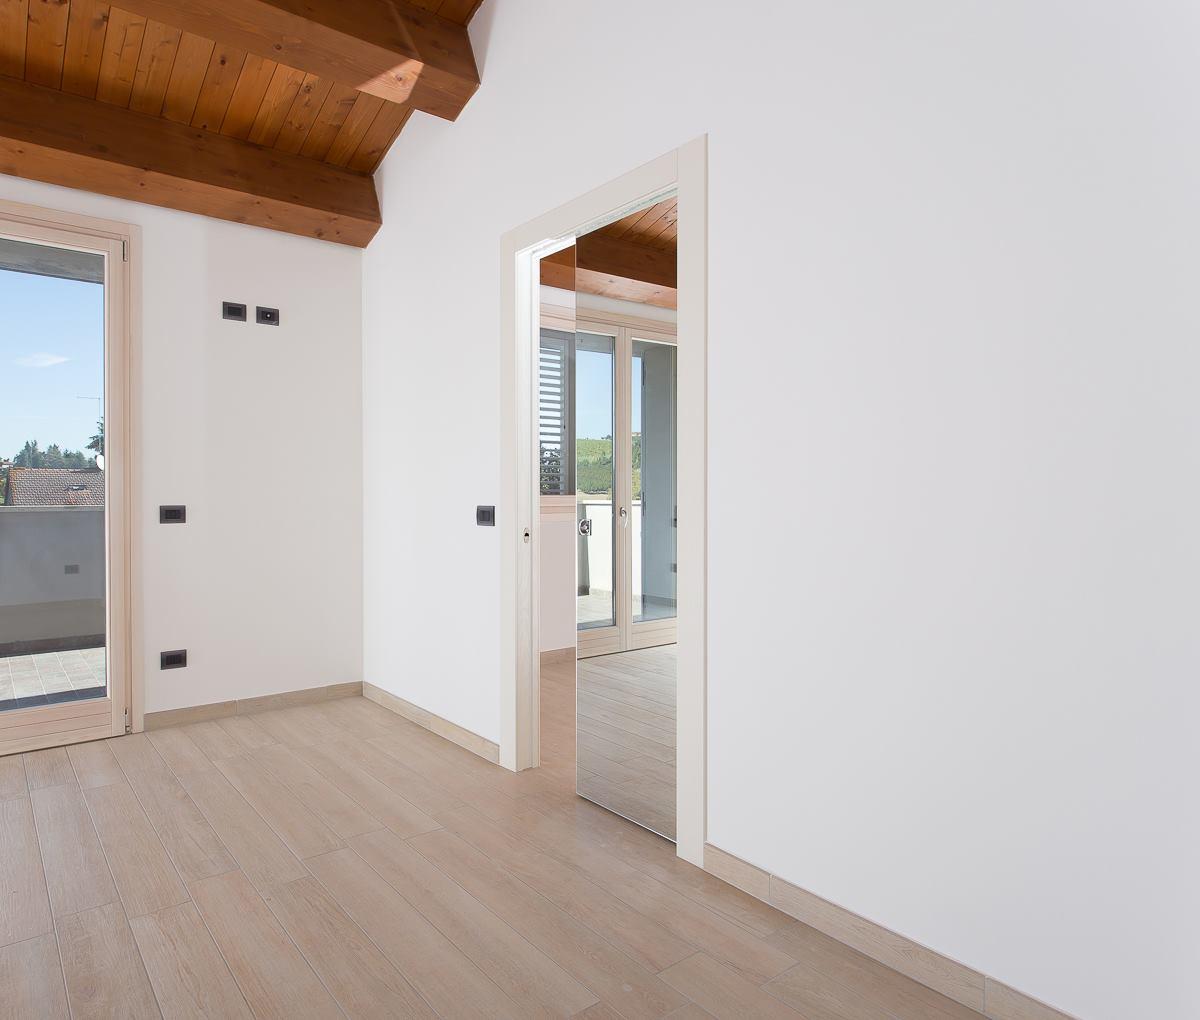 Porta Scorrevole A Specchio. Elegant Porte In Laminato Olmo Grigio A ...